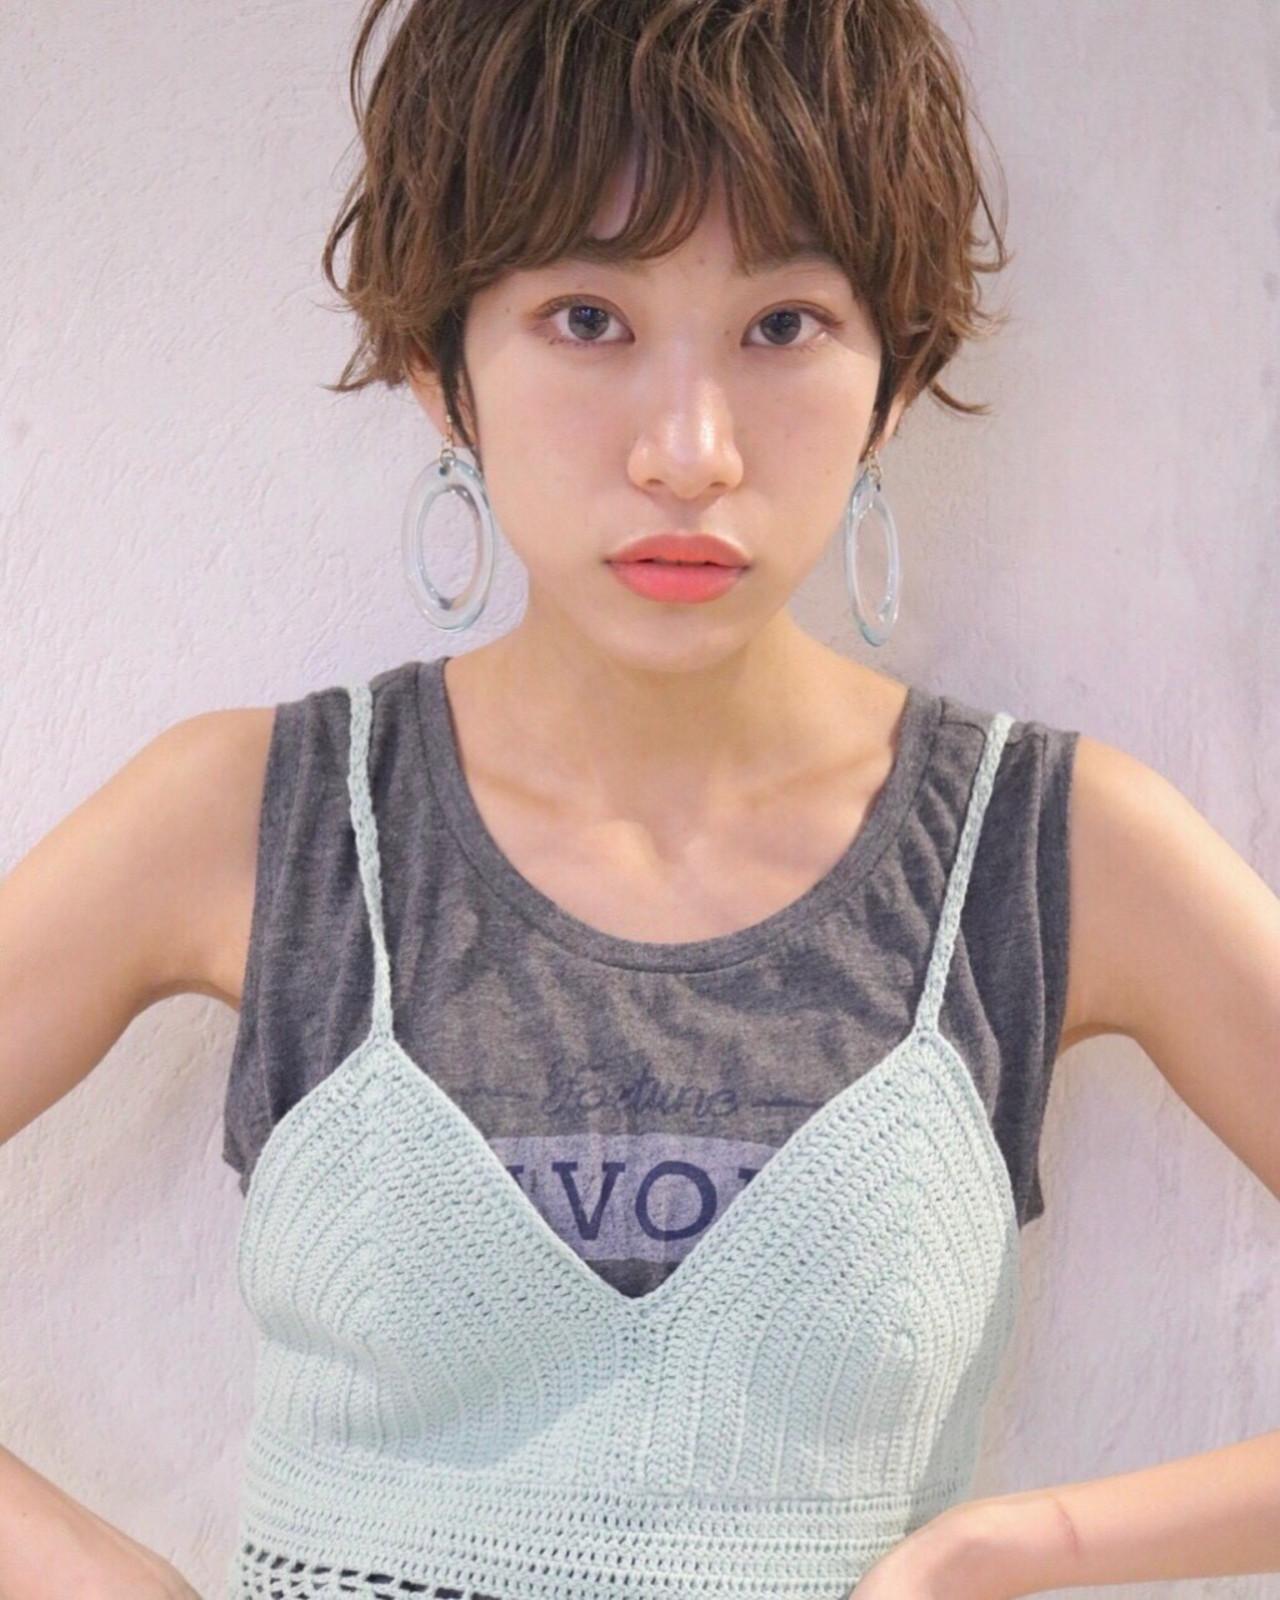 ガーリー ナチュラル 小顔 ショート ヘアスタイルや髪型の写真・画像 | Karin /